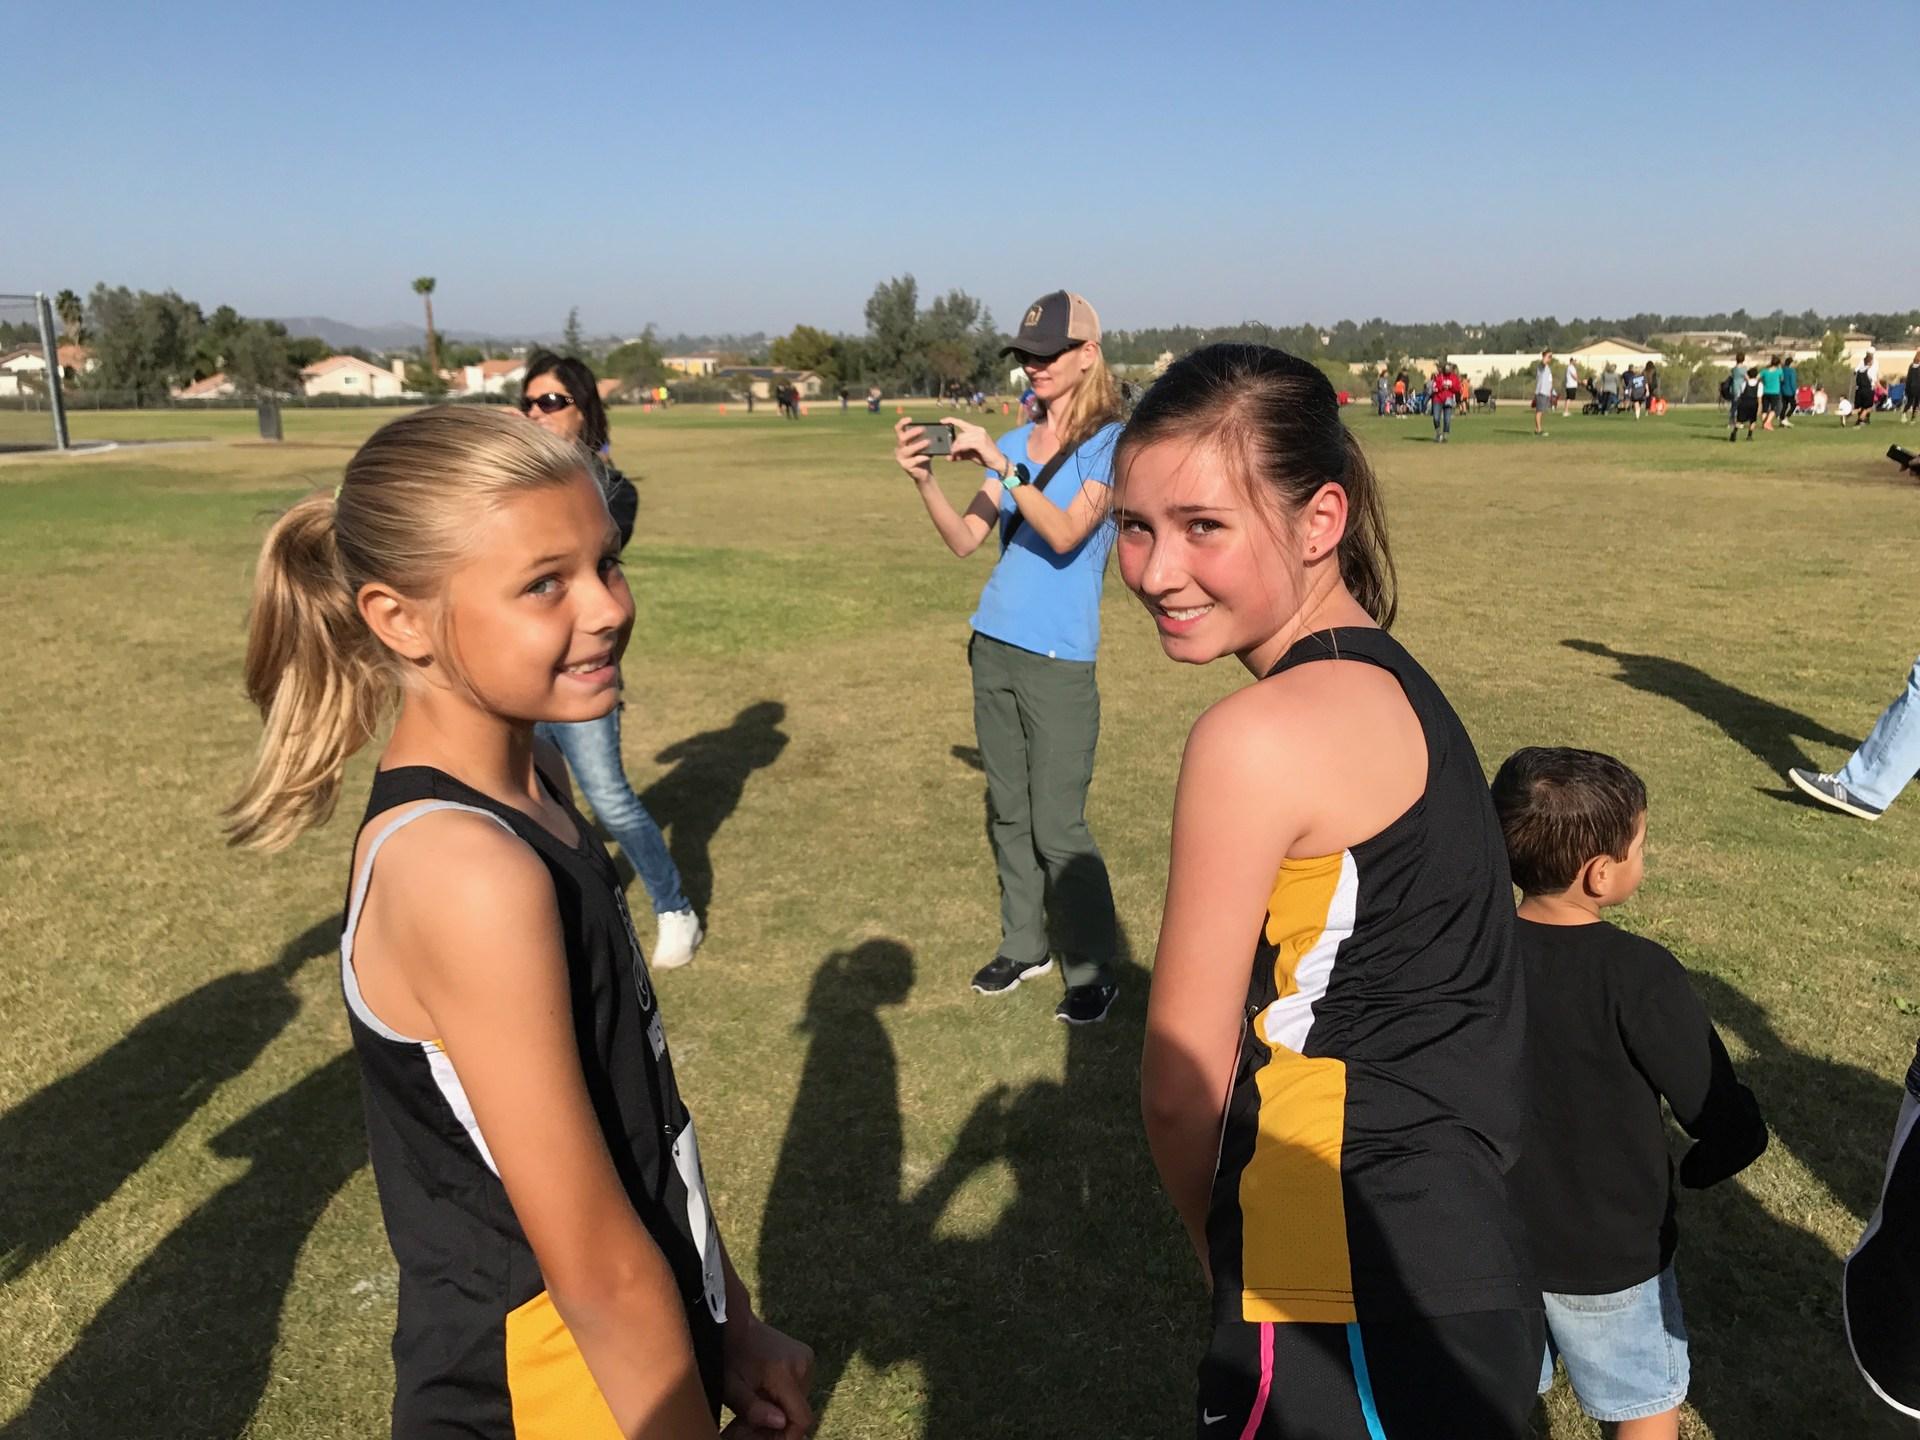 Brittany and Samara ready to go at Vail Ranch.